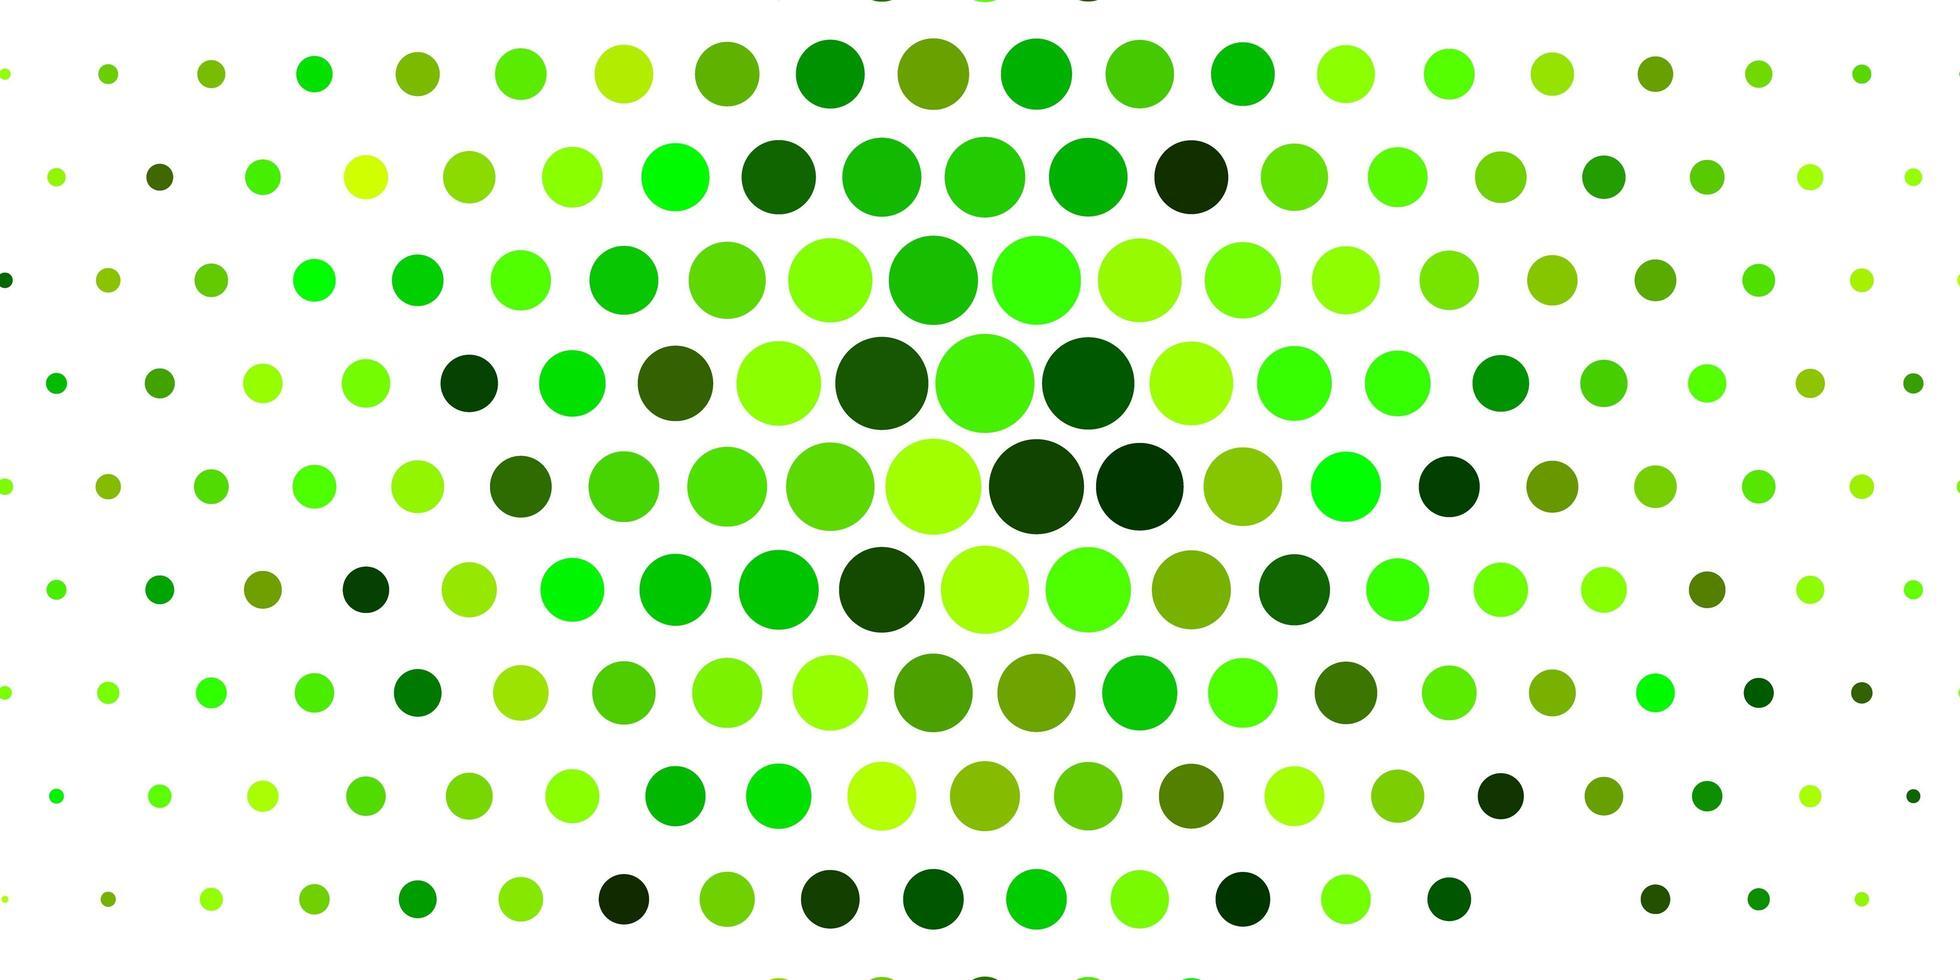 patrón de vector verde claro con esferas